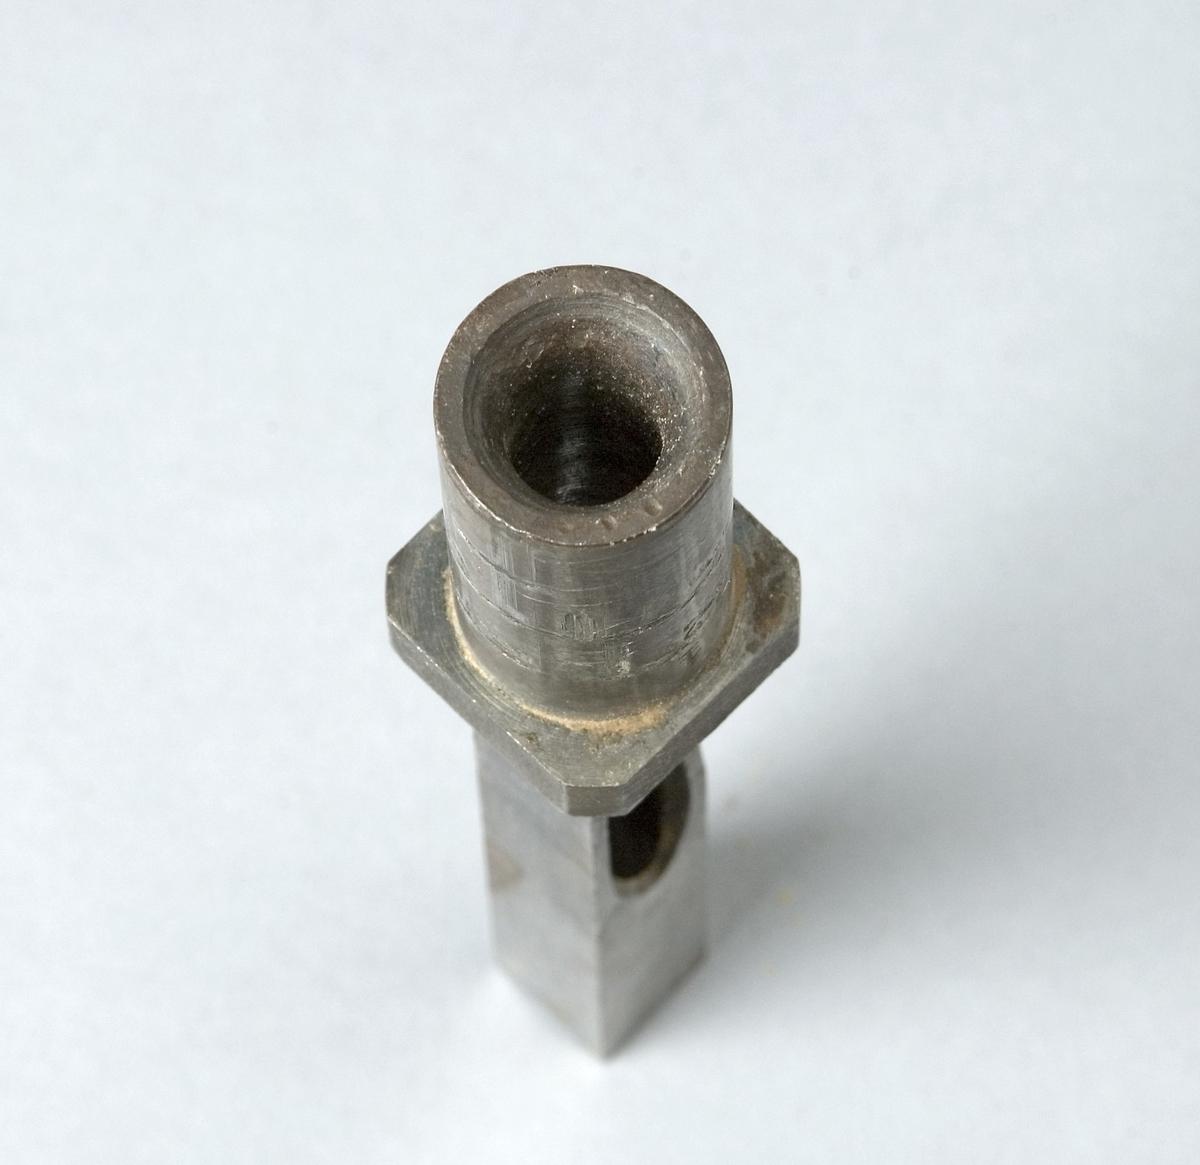 Fyrkantsborr av stål. Instansat: 1/2.  Funktion: Göra hål i trä